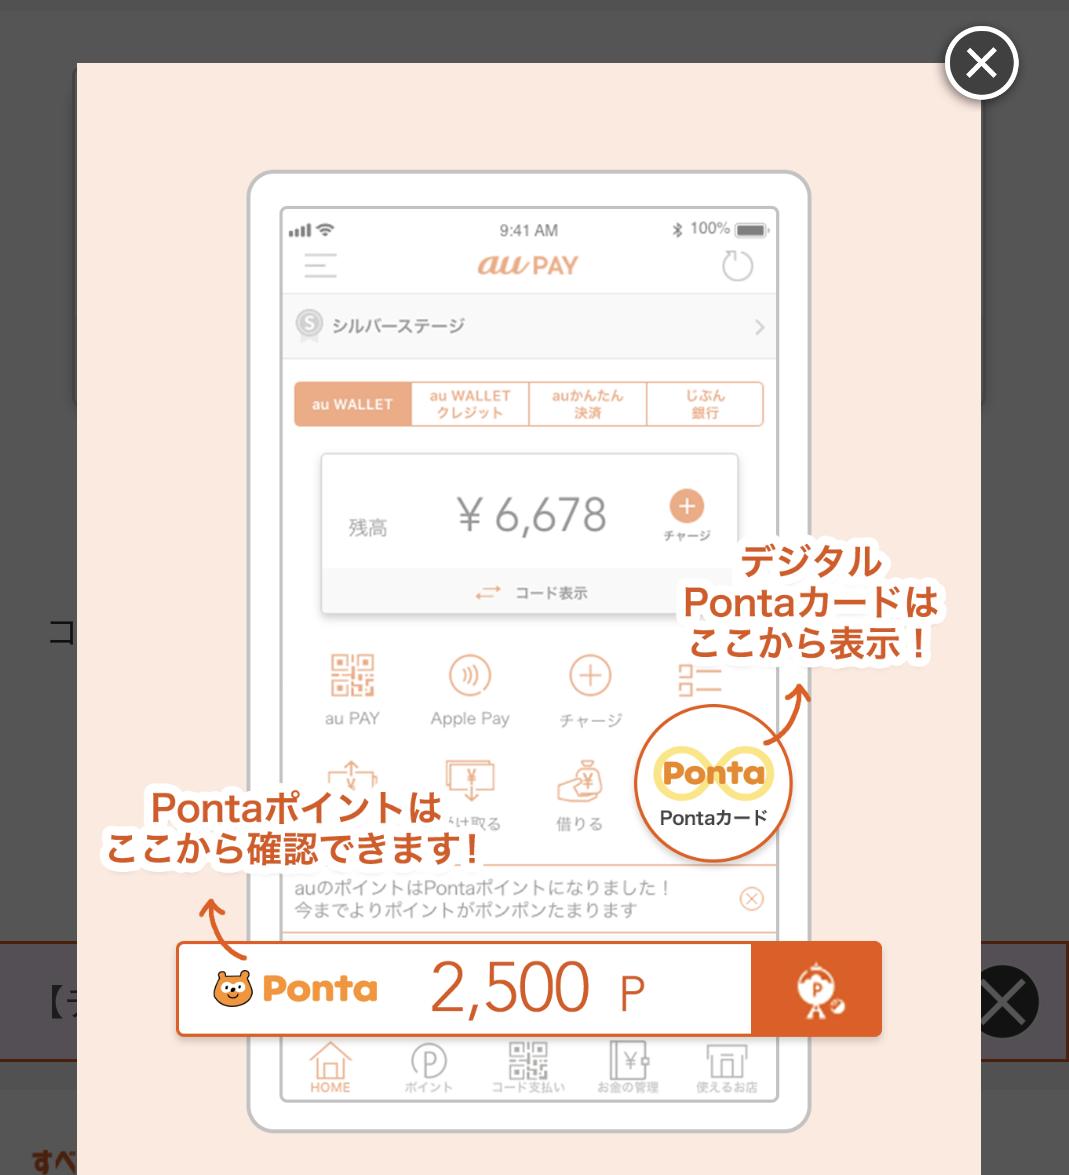 f:id:kuzyo:20200522140014p:plain